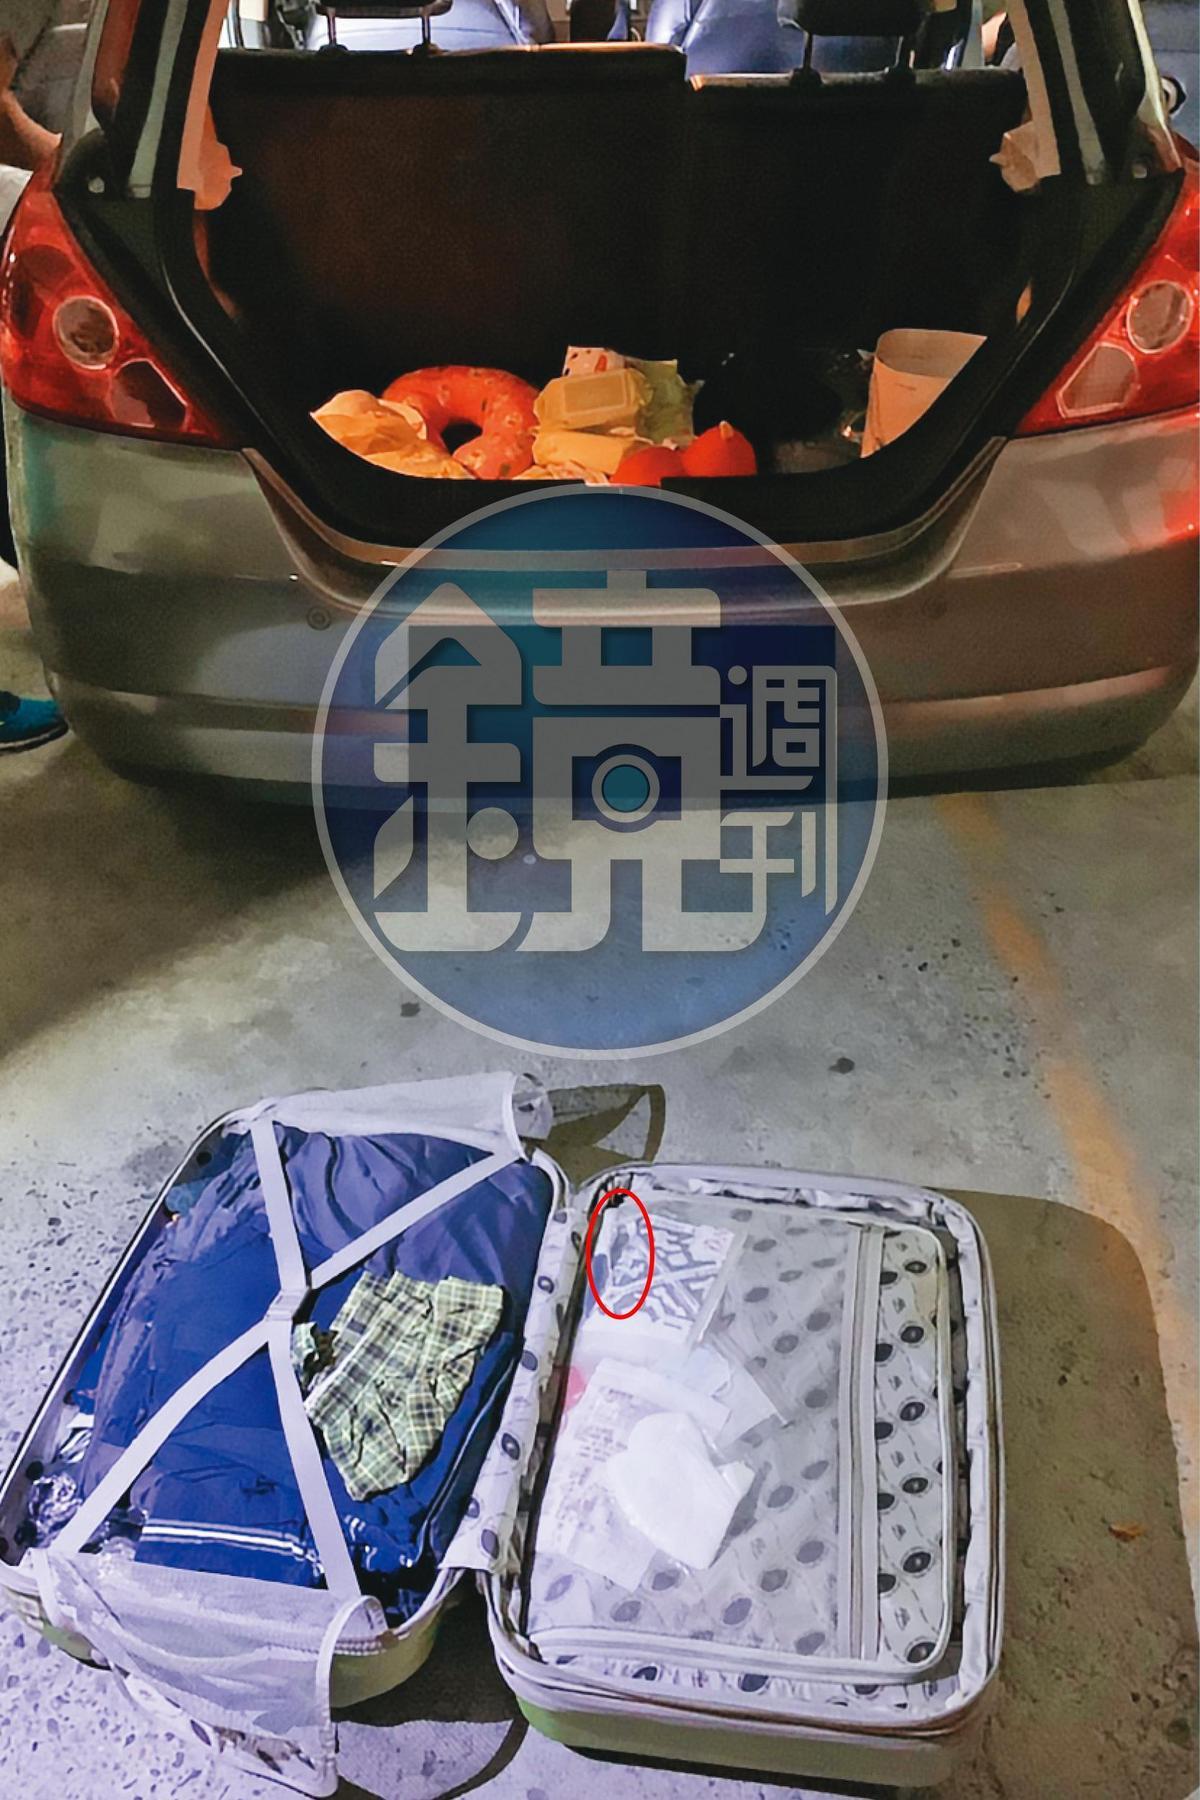 黃大彰牙齒不好又愛吃檳榔,警方從他車上的行李箱搜出專門用來夾檳榔的老虎鉗(紅圈處)。